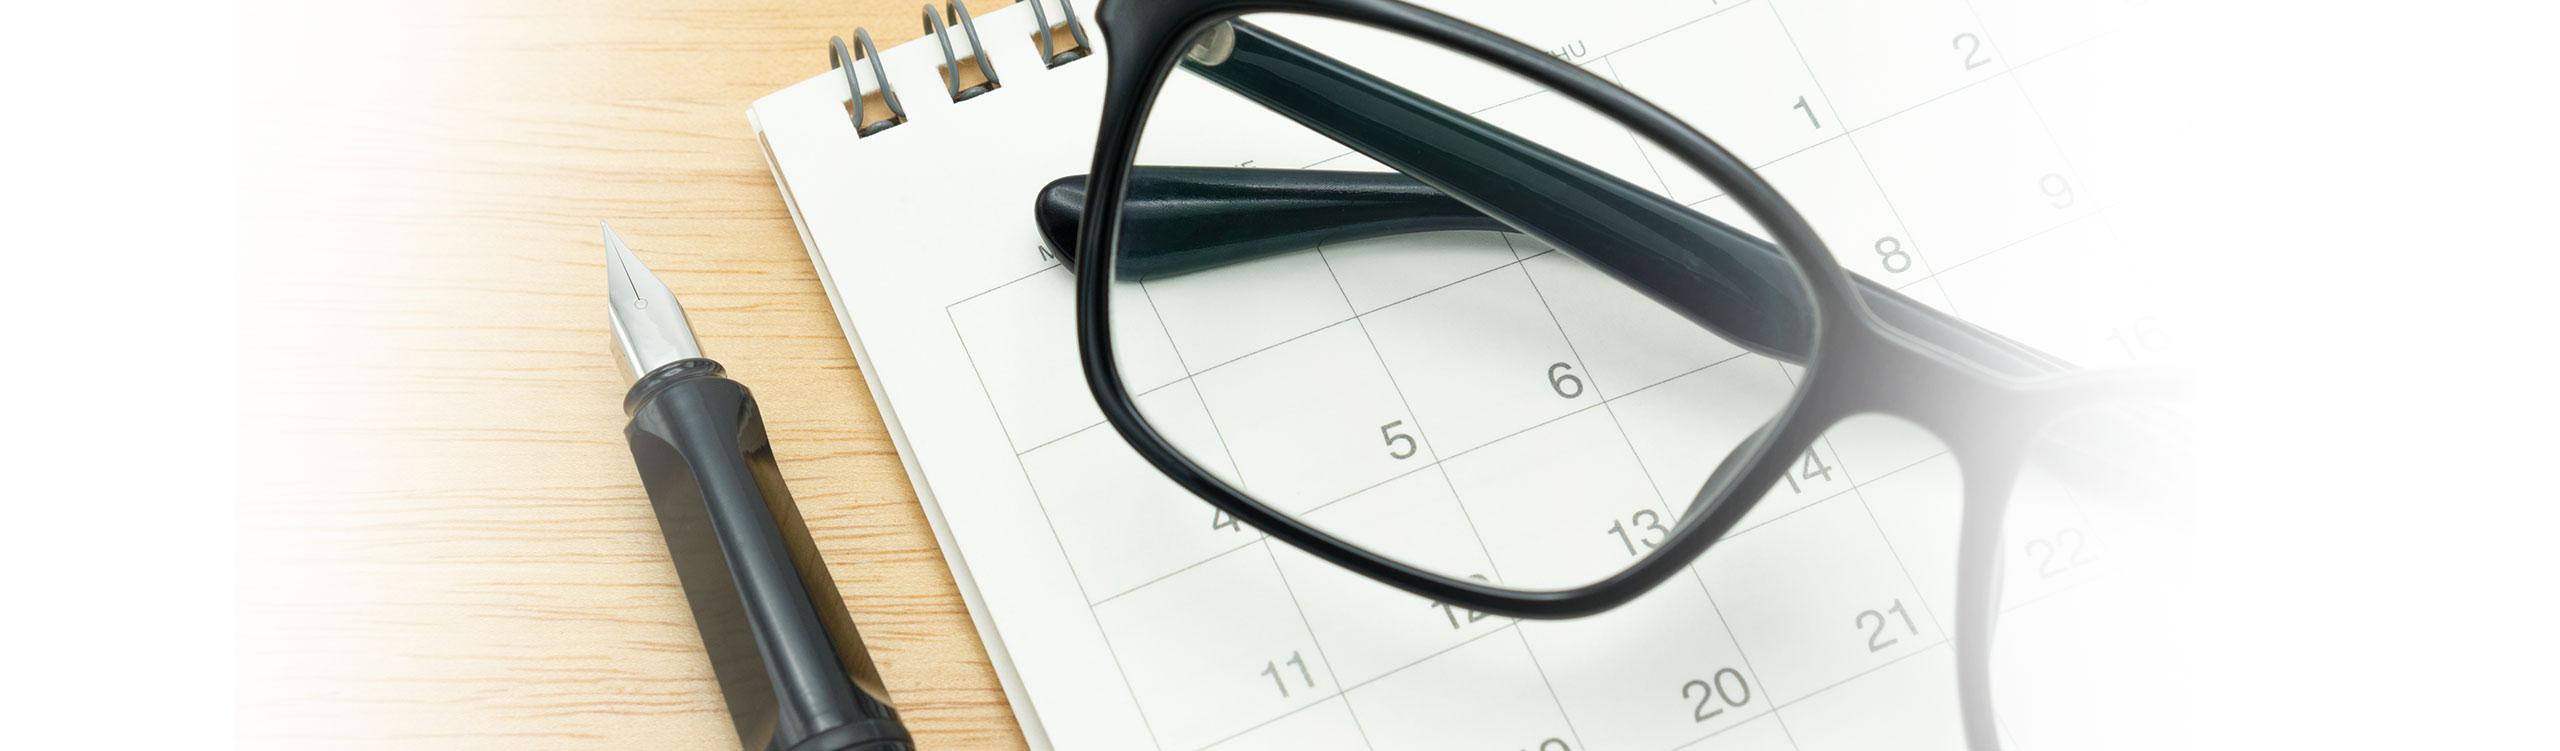 Termin buchen im AugenCentrum Bayreuth: Terminkalender liegt auf dem Tisch